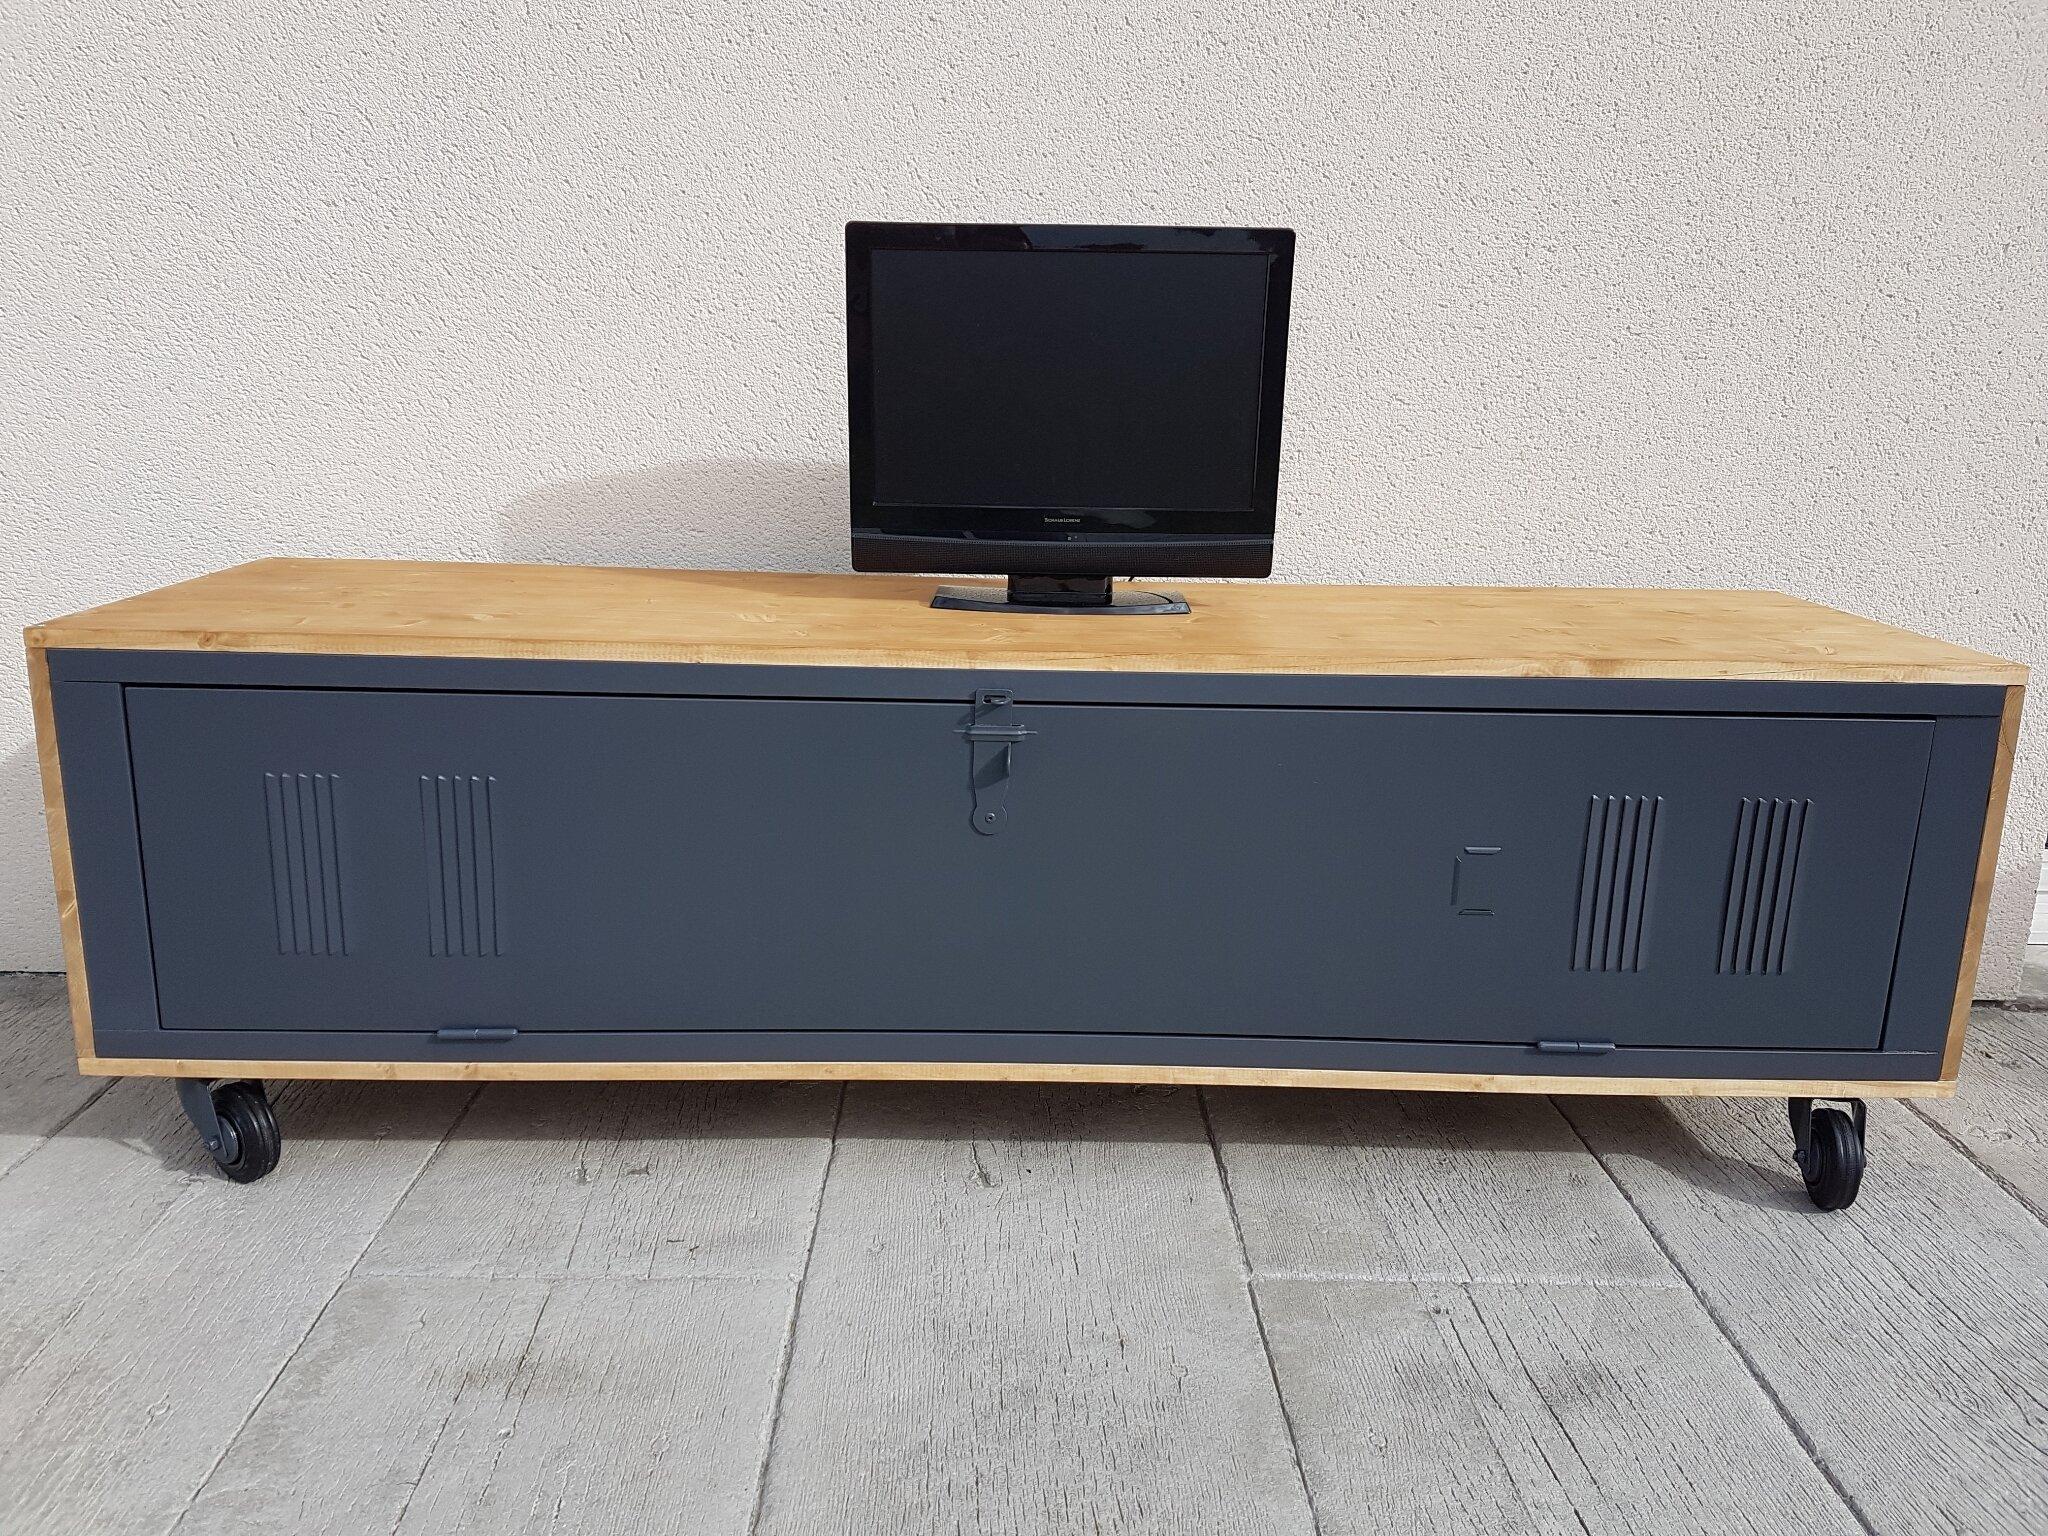 vestiaire m tallique revisit en meuble tv industriel grenier patines 45. Black Bedroom Furniture Sets. Home Design Ideas